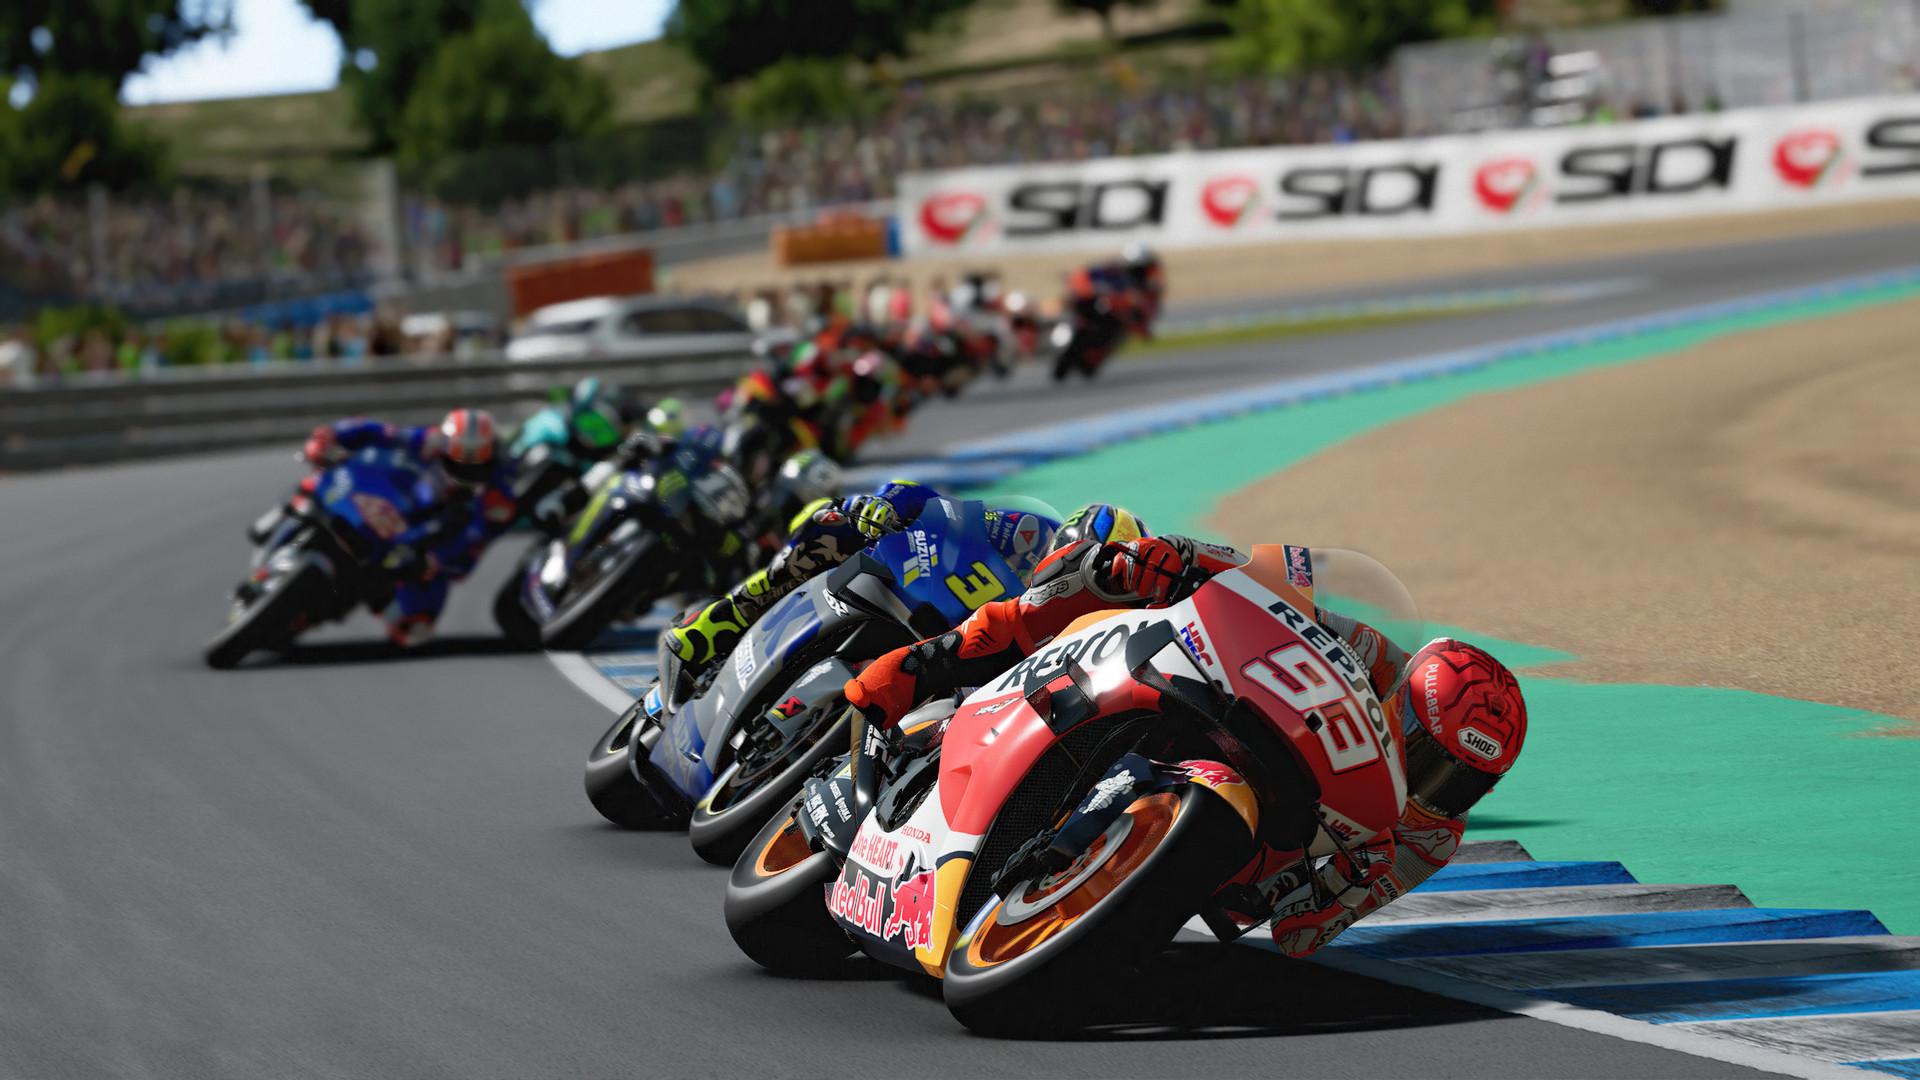 世界摩托大奖赛21/MotoGP21插图3